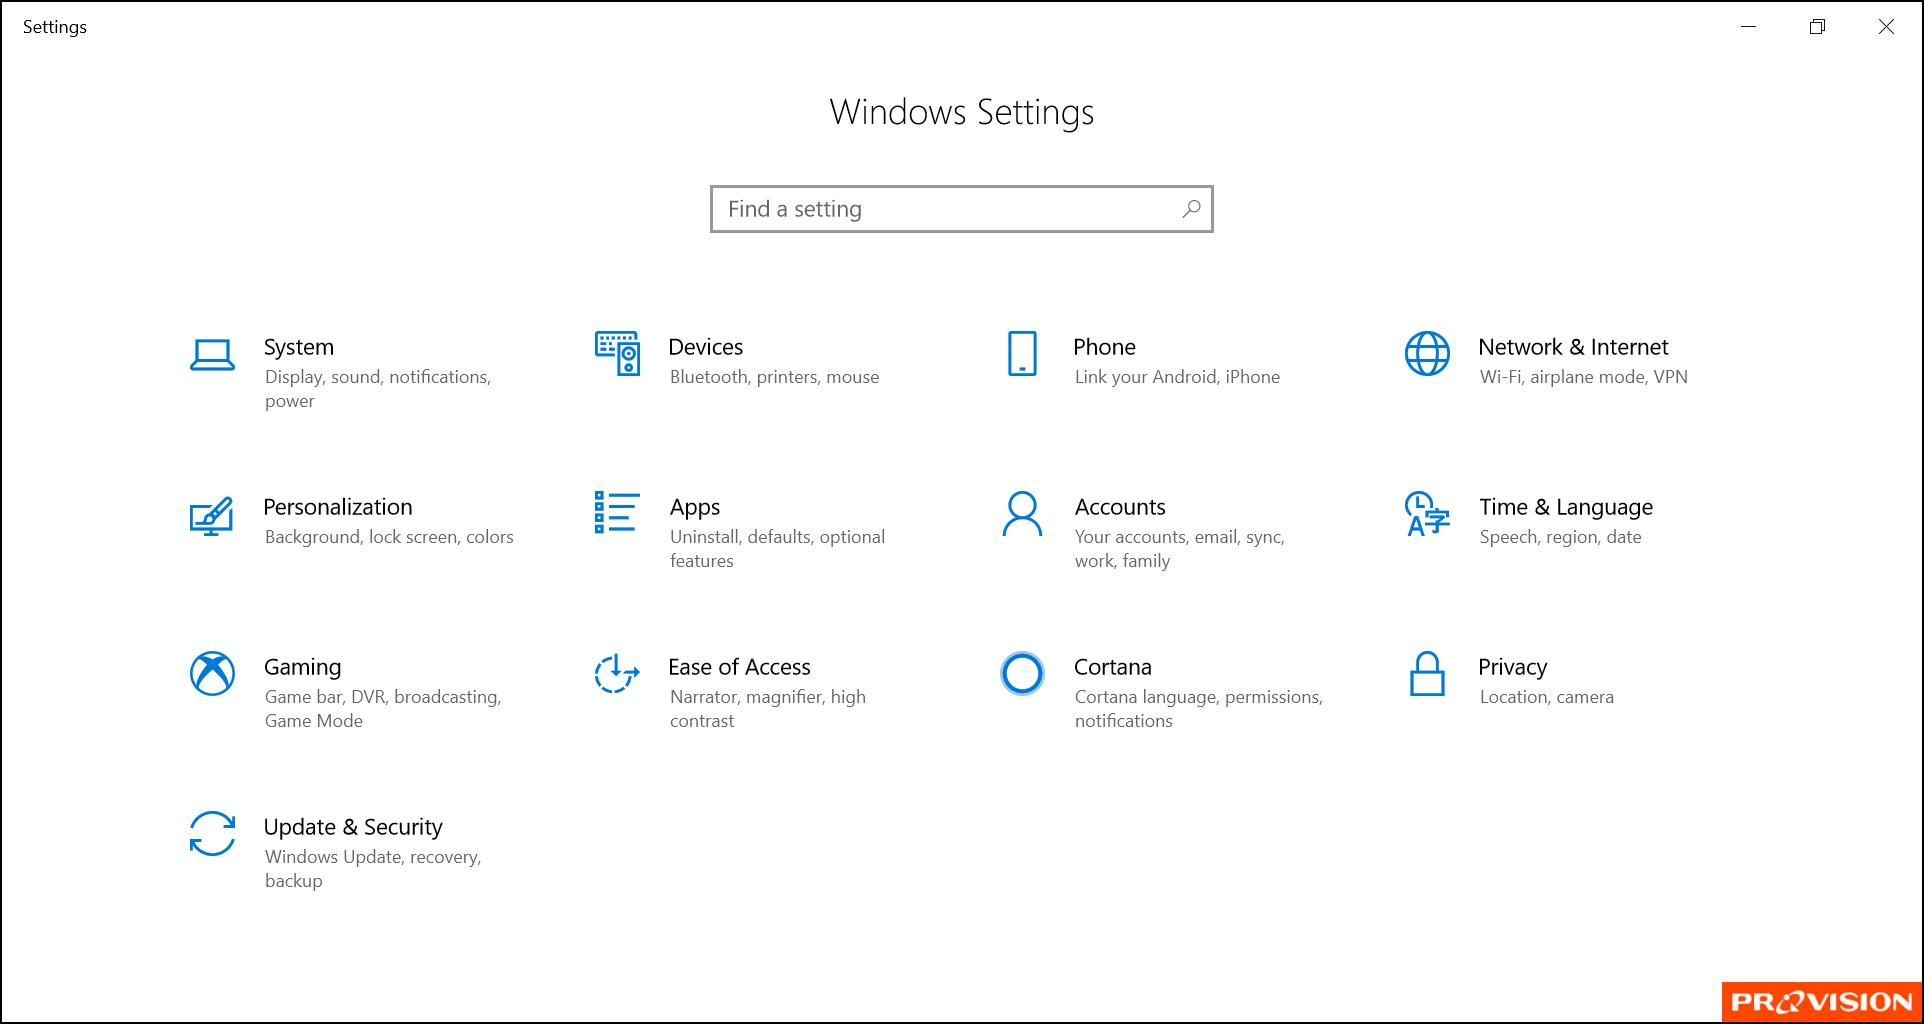 หน้าต่าง Control Panel อยู่ไหน? ใน Windows 10